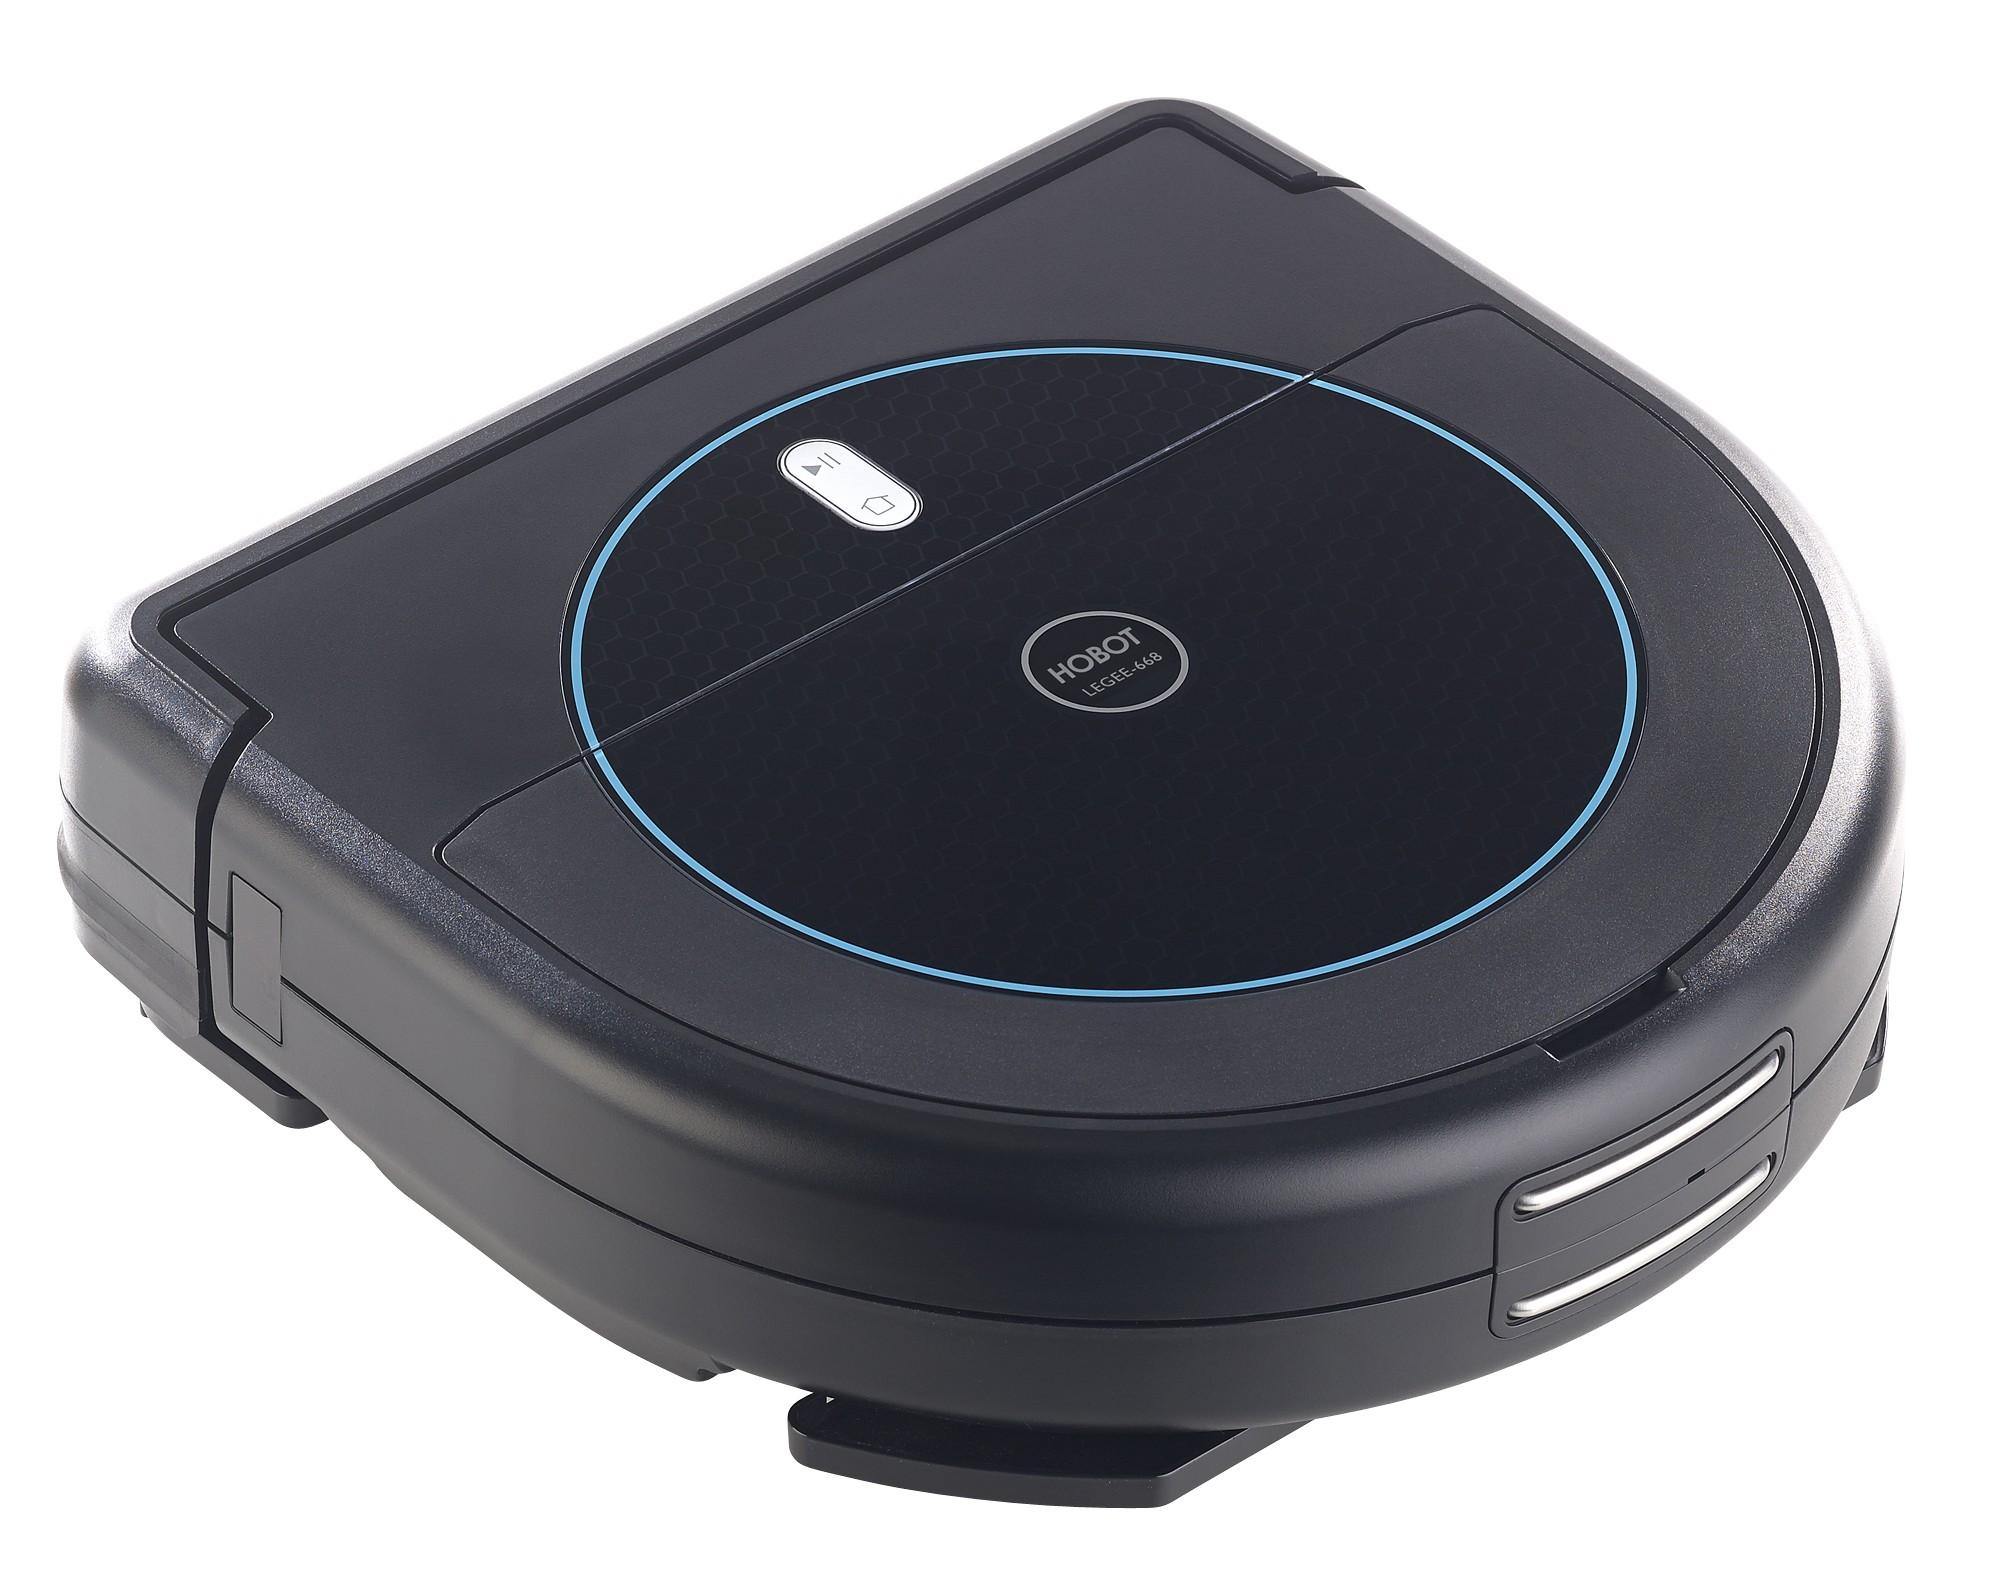 Werbung | Sichler Multiroom-Saug- & Wisch-Roboter – 4-Phasen-Reinigung für mehr Sauberkeit